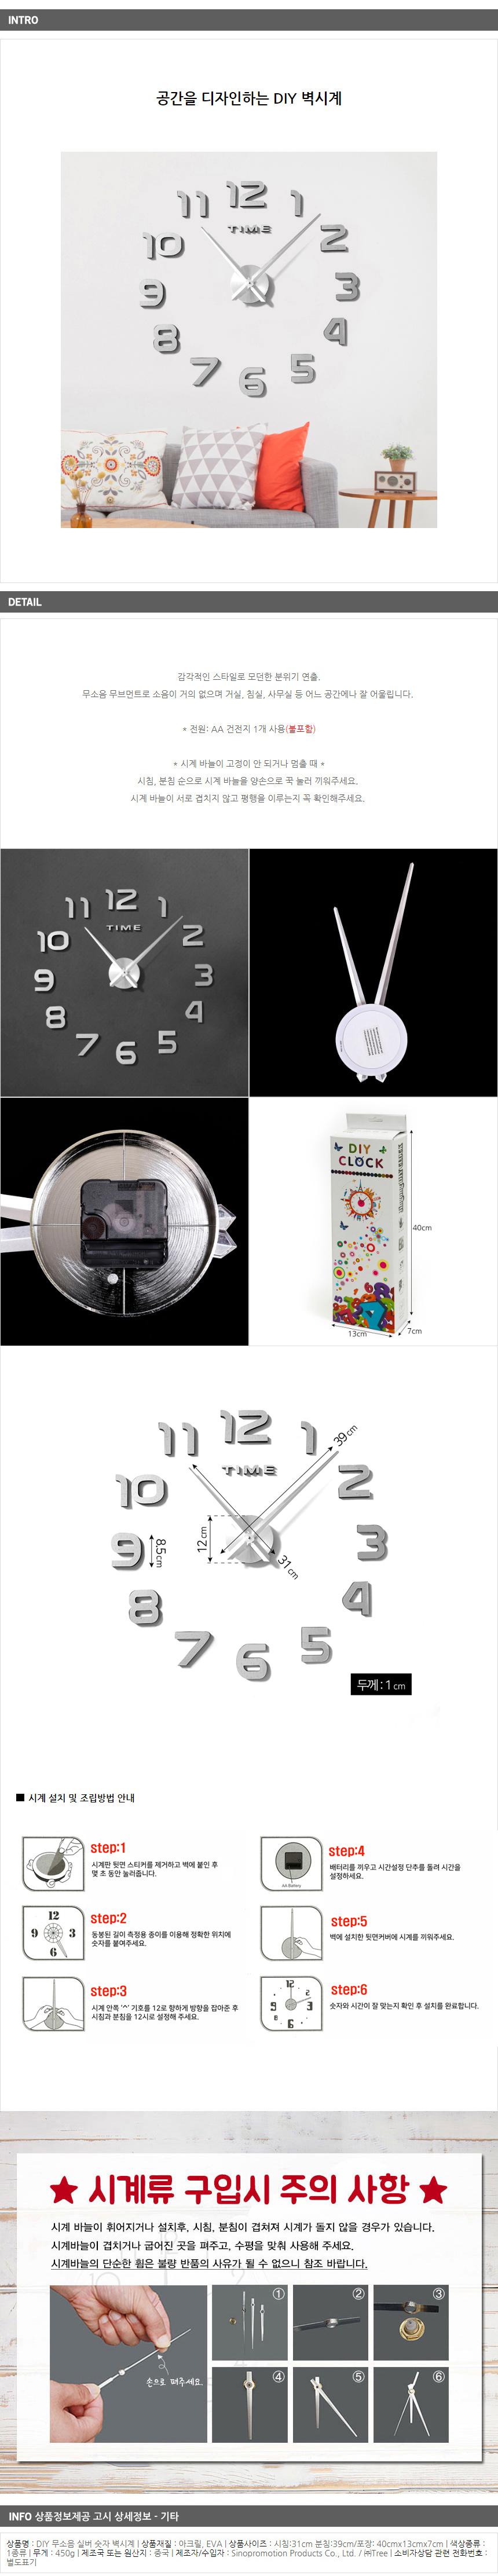 DIY 인테리어 벽시계/무소음 벽걸이시계 거실시계 - 기프트갓, 18,160원, 벽시계, 디자인벽시계